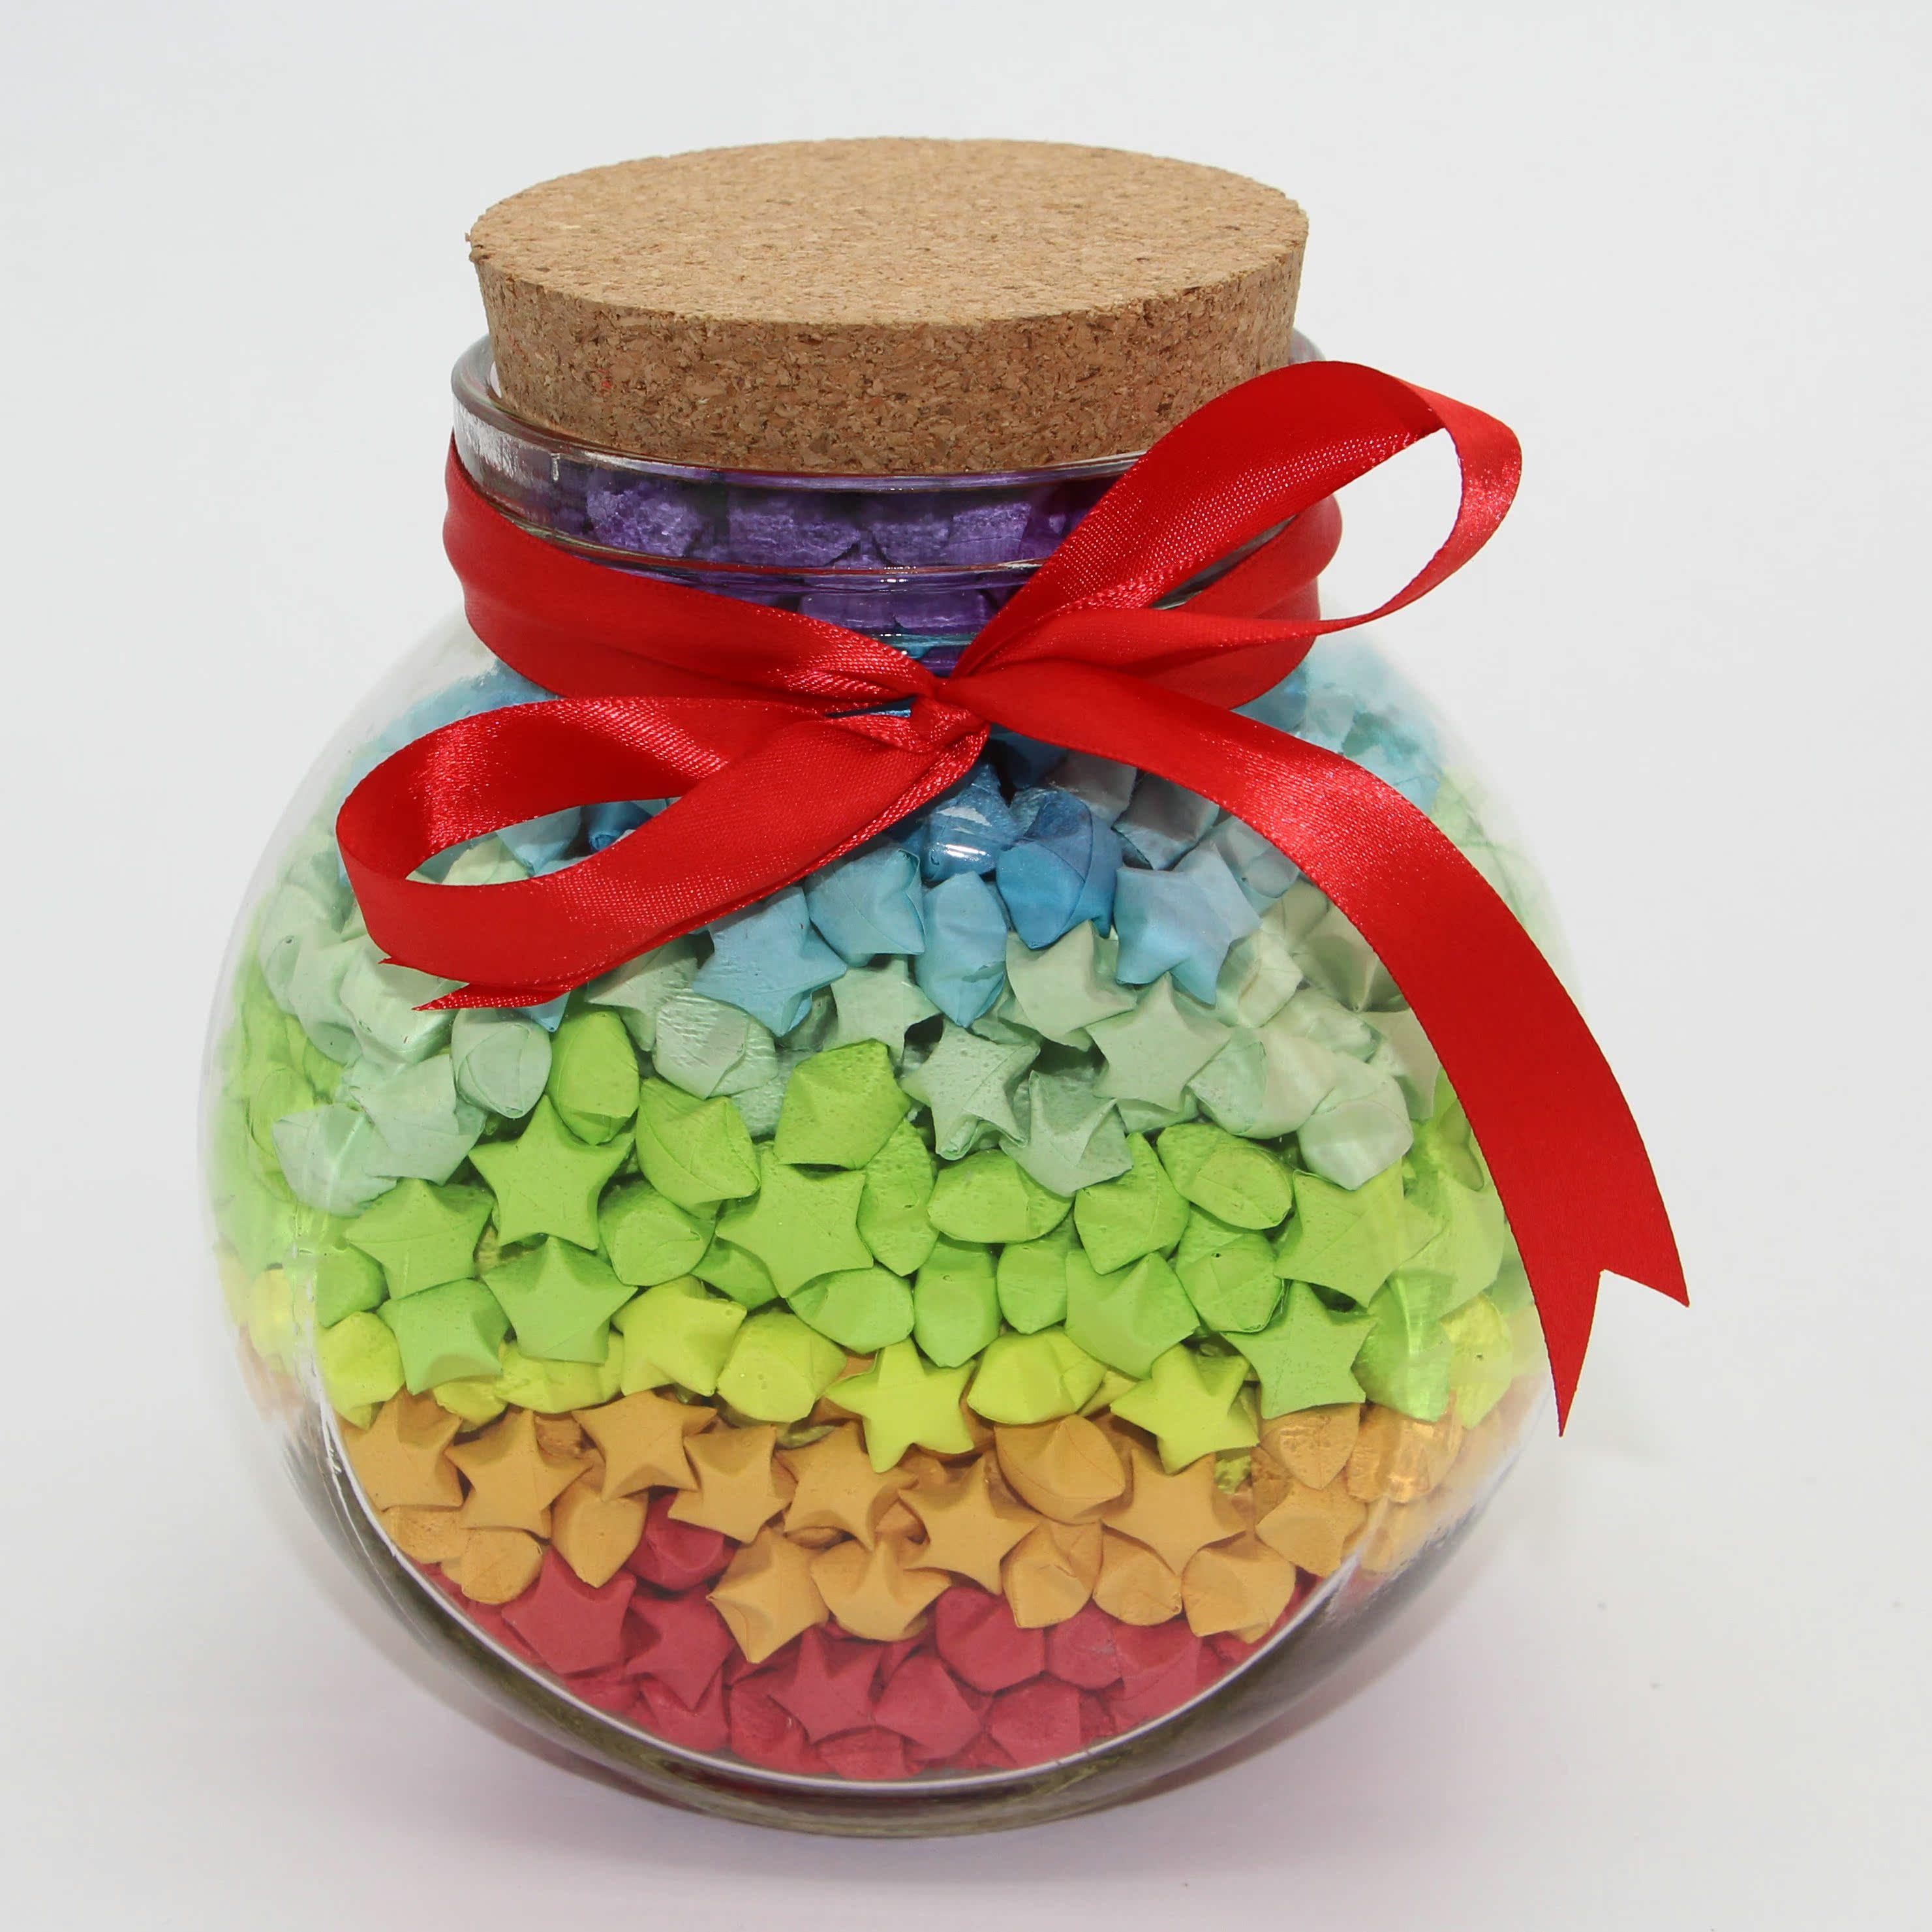 特大花鼓瓶可放3344颗许愿星超大千纸鹤瓶星星瓶漂流瓶许愿瓶包邮